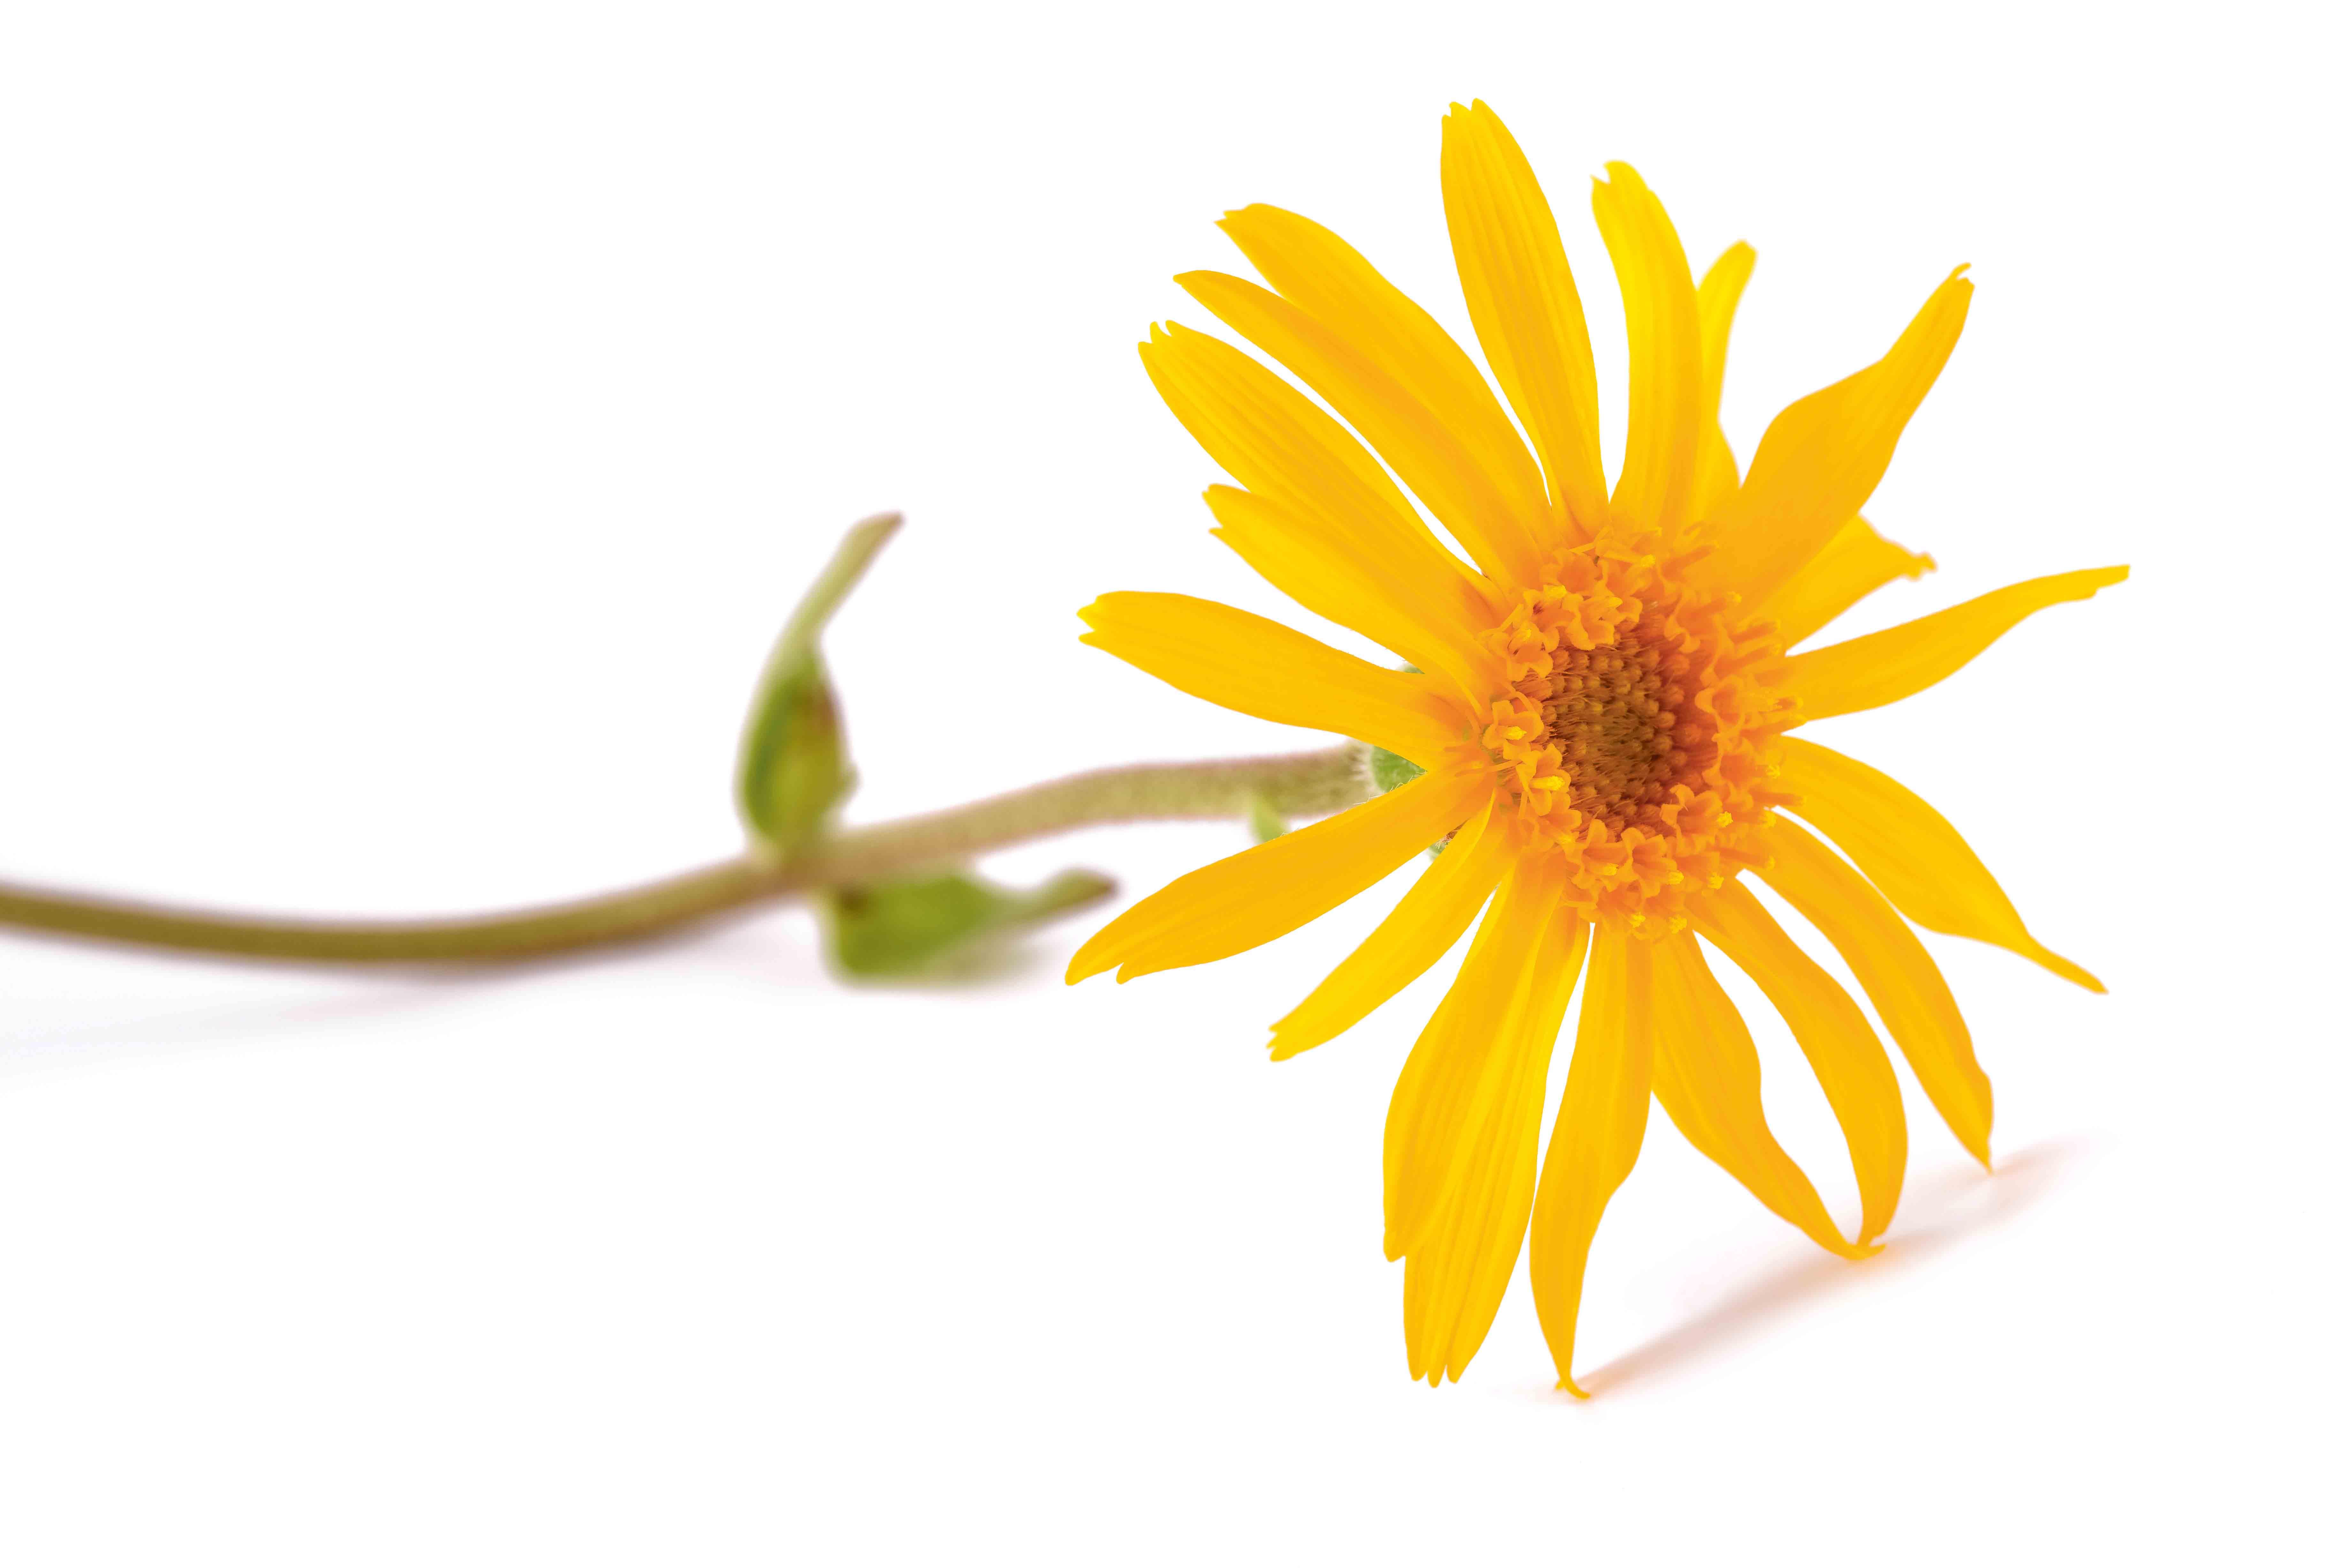 Die Arnika findet in der Homöopathie Anwendung.